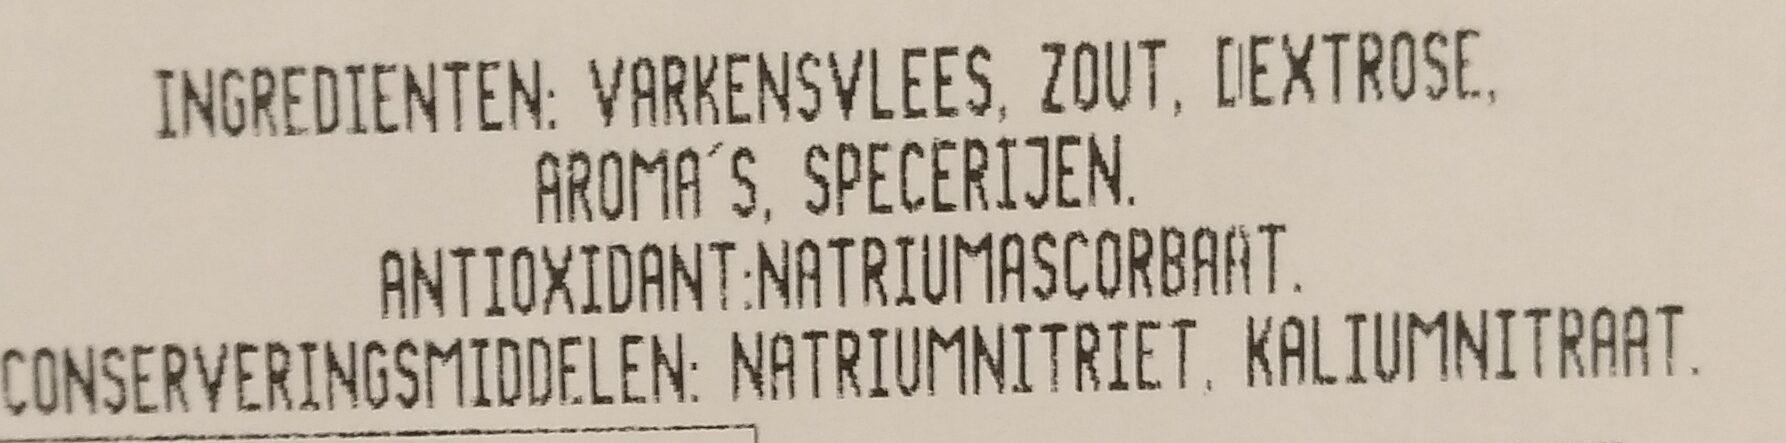 Coppa - Ingrediënten